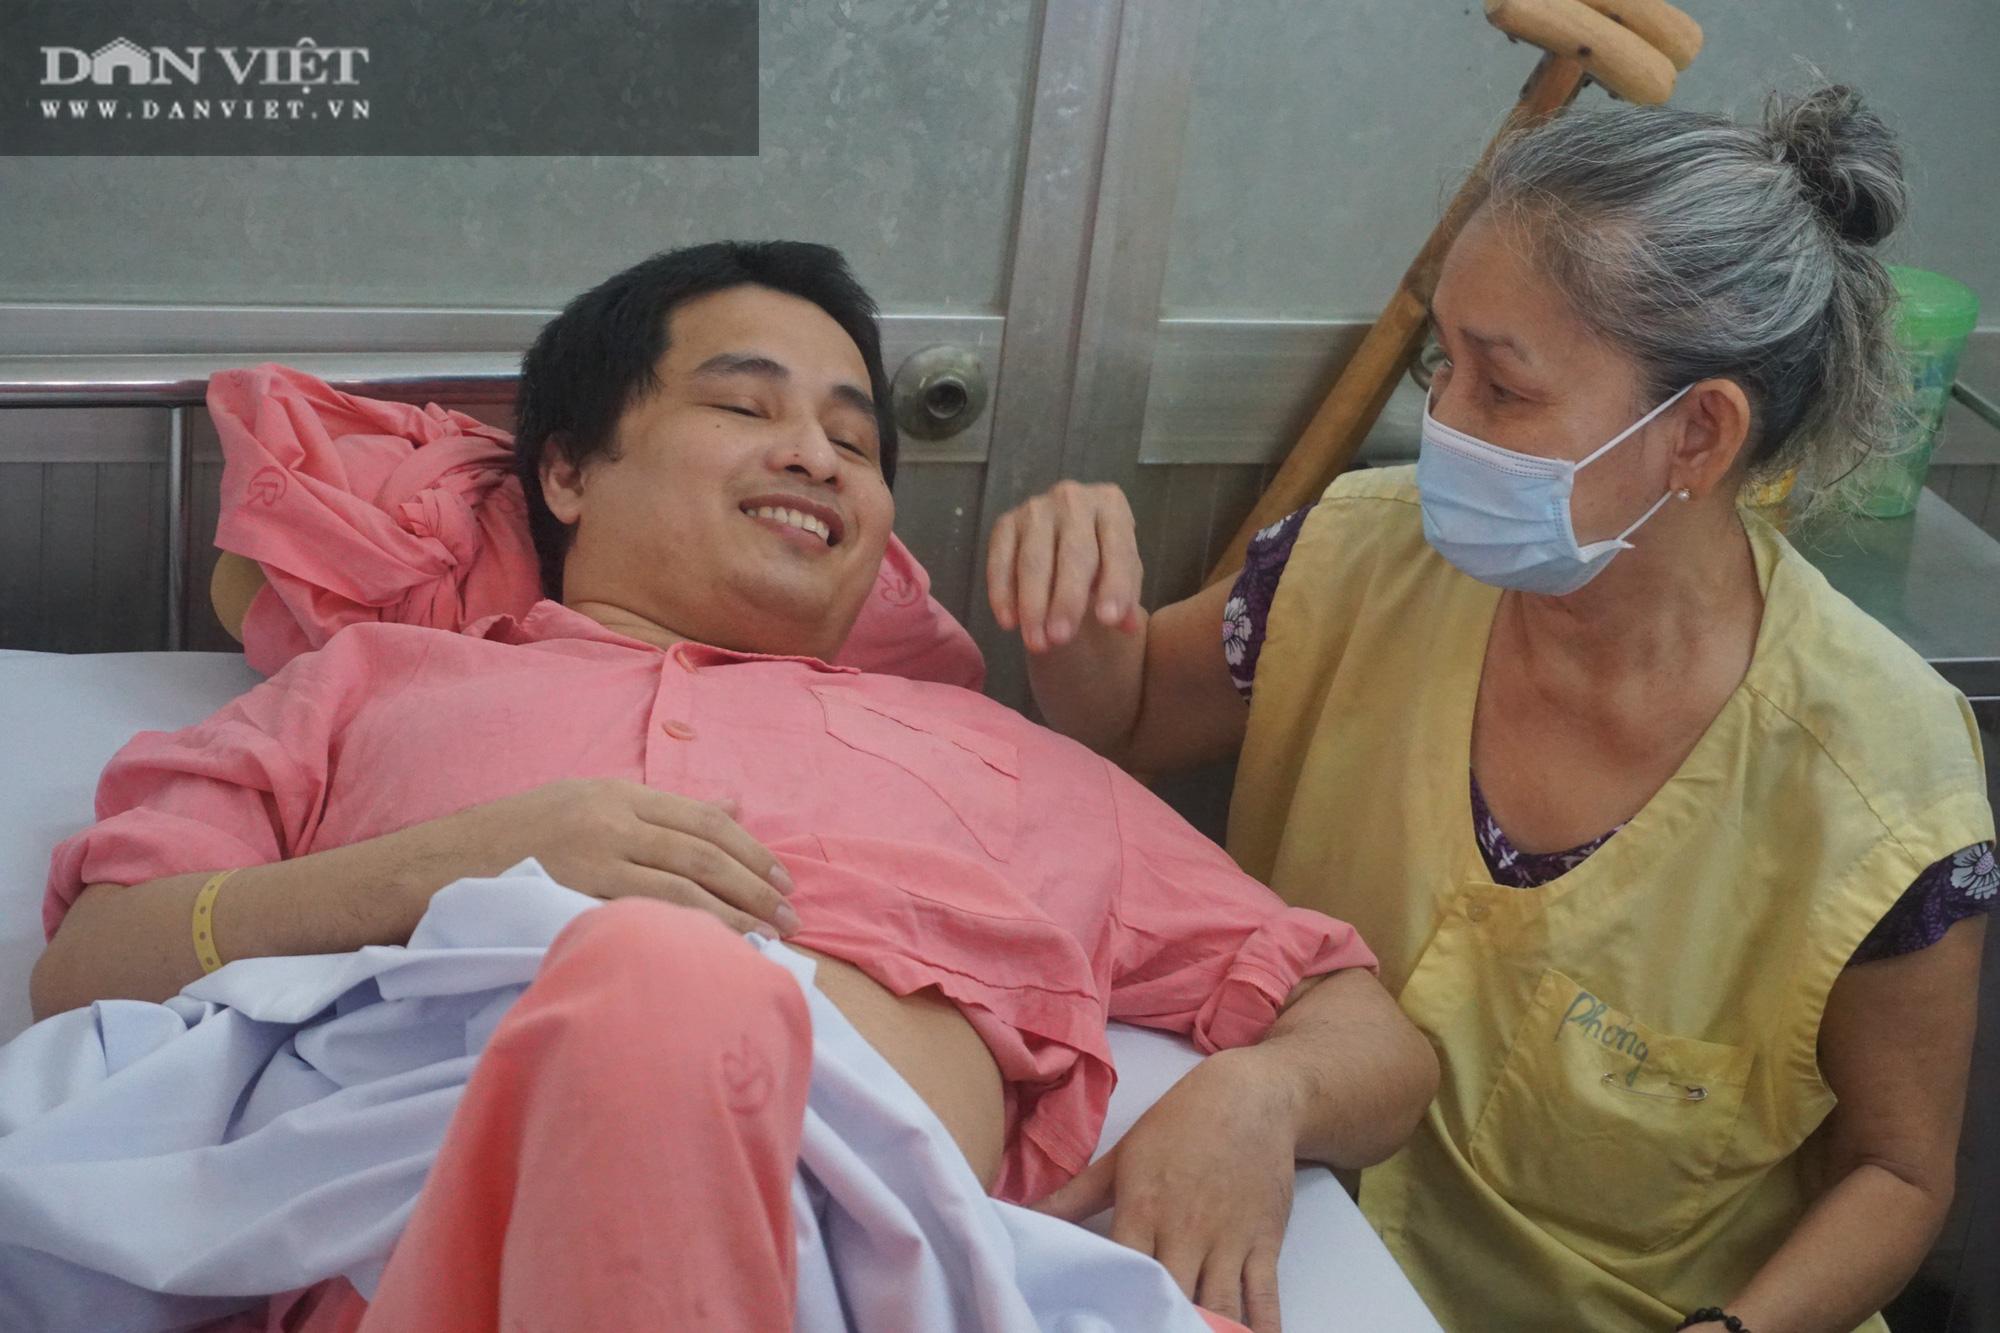 Hành trình gập ghềnh và sự kiên trì vô bờ của người mẹ 11 năm song hành cùng con trong bệnh viện - Ảnh 1.